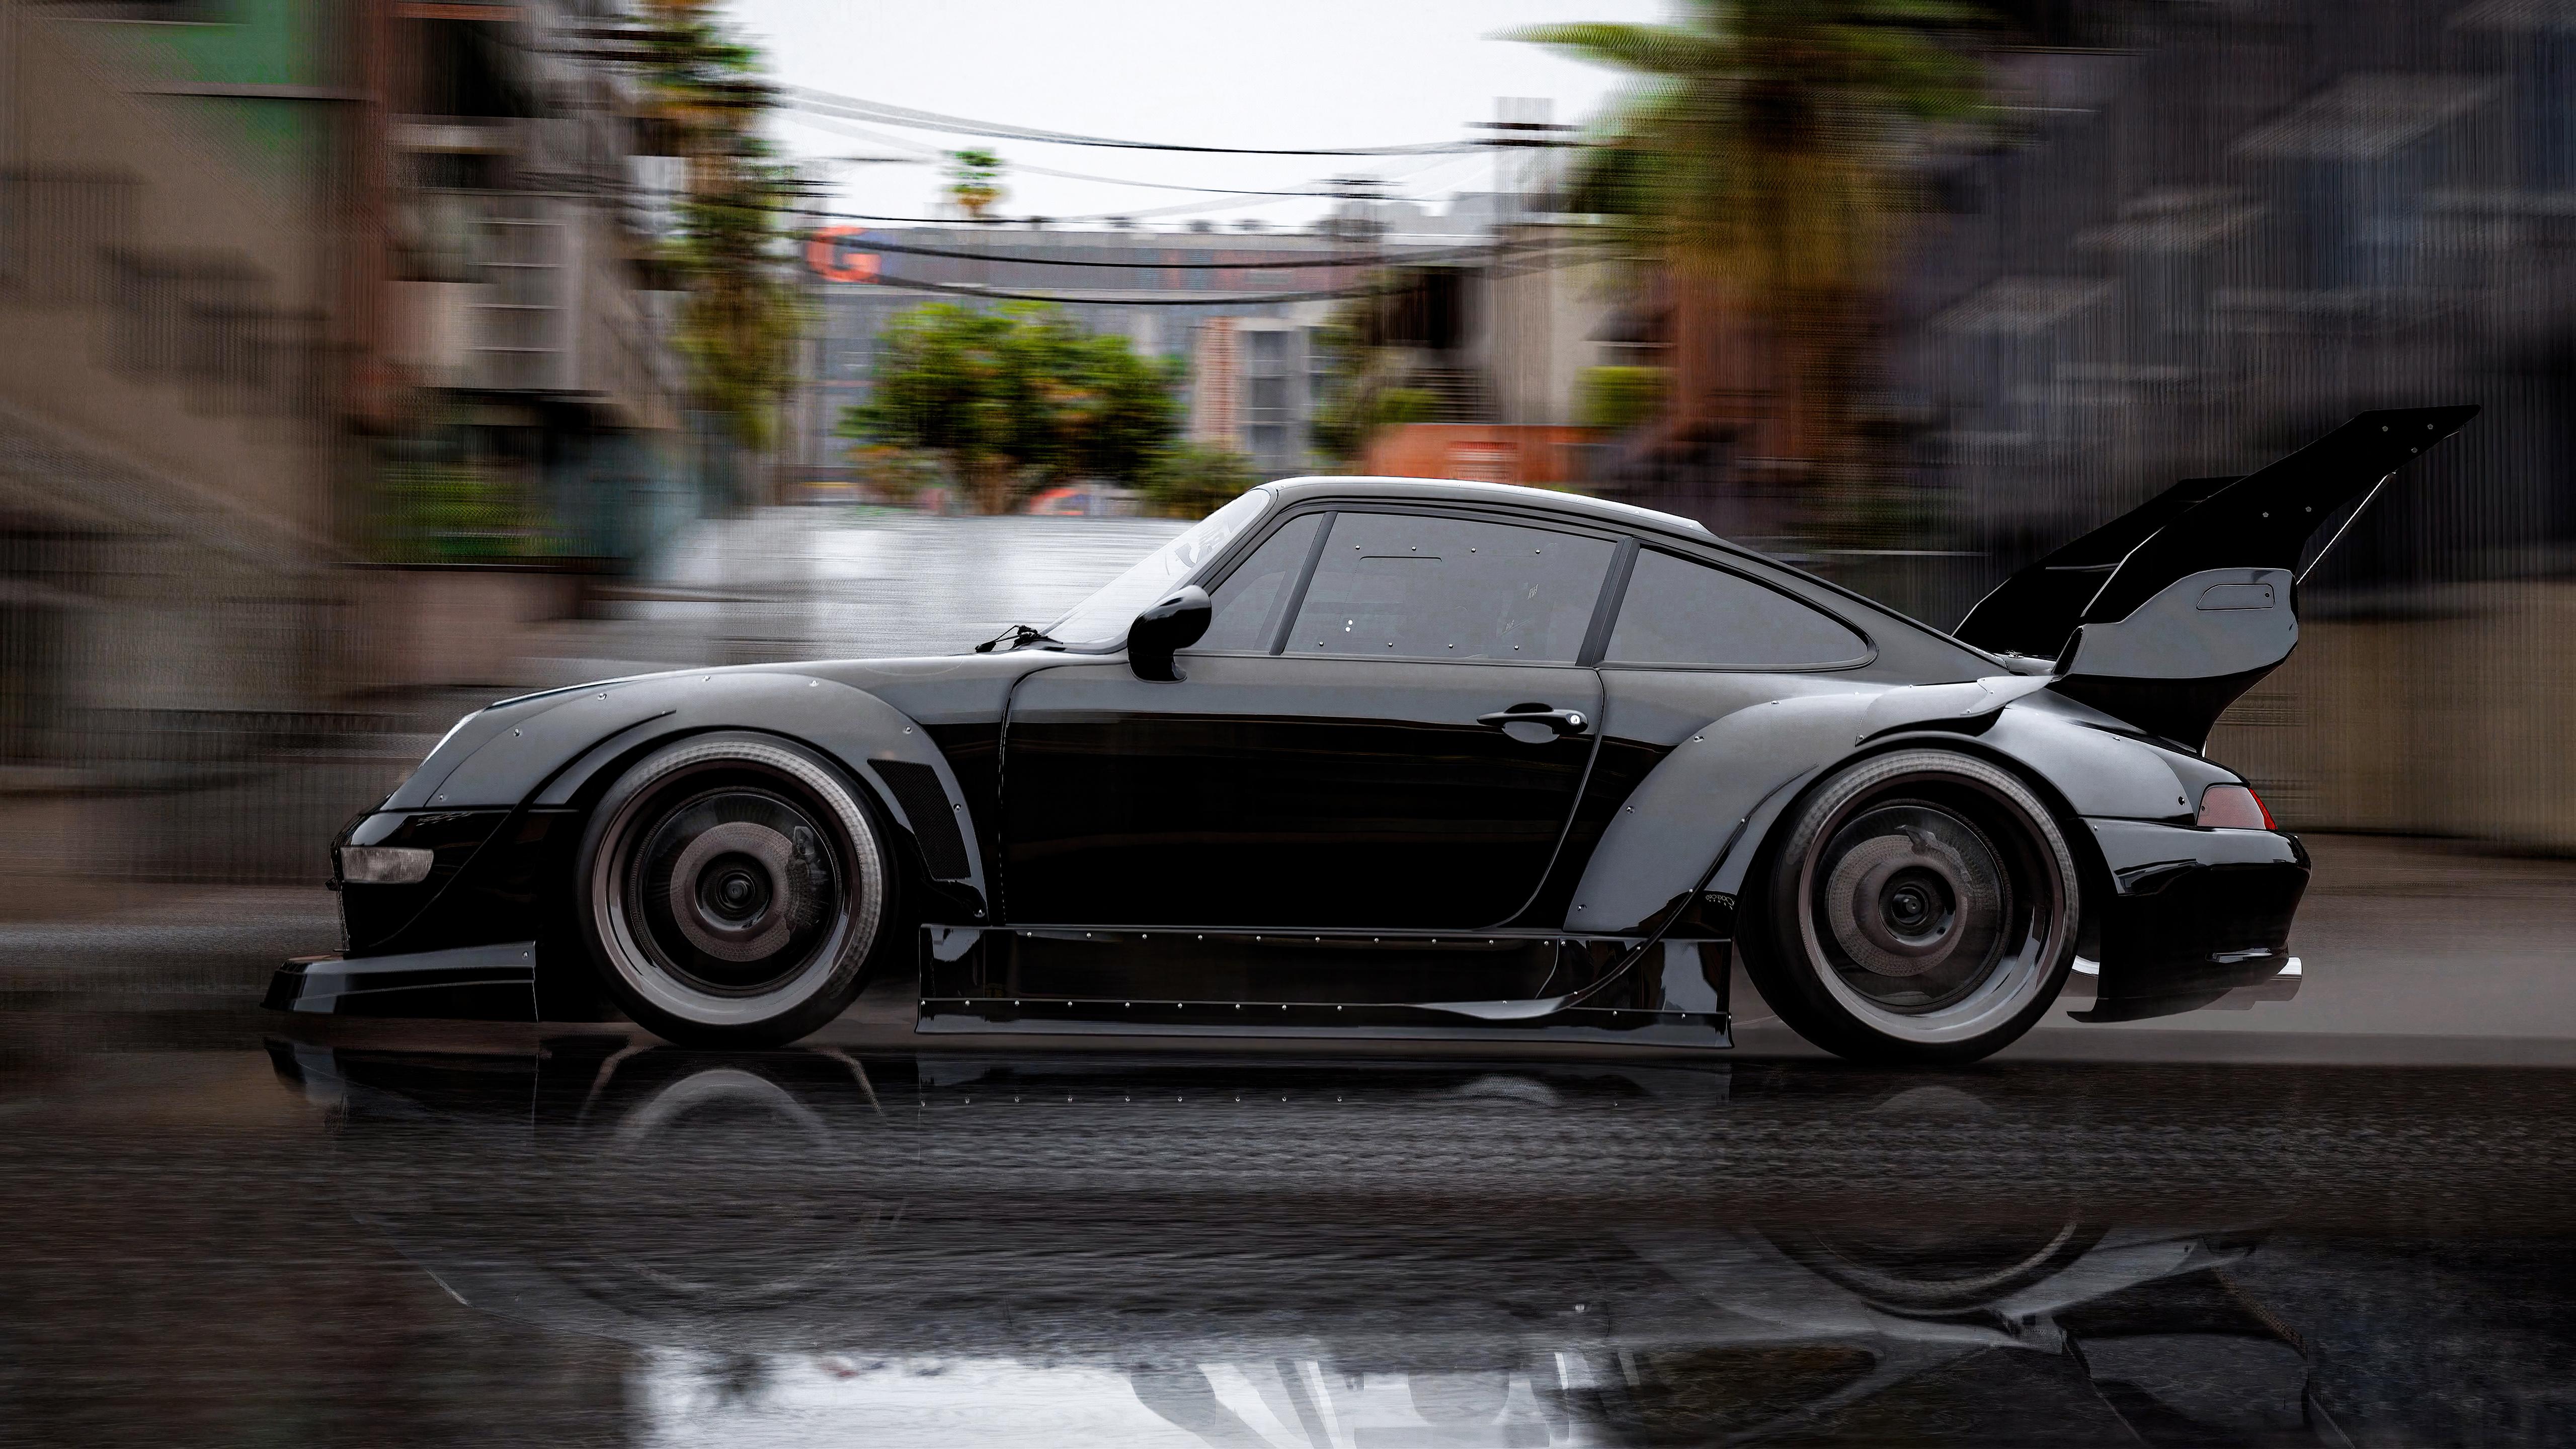 black porsche rain motion 4k 1620169614 - Black Porsche Rain Motion 4k - Black Porsche Rain Motion 4k wallpapers